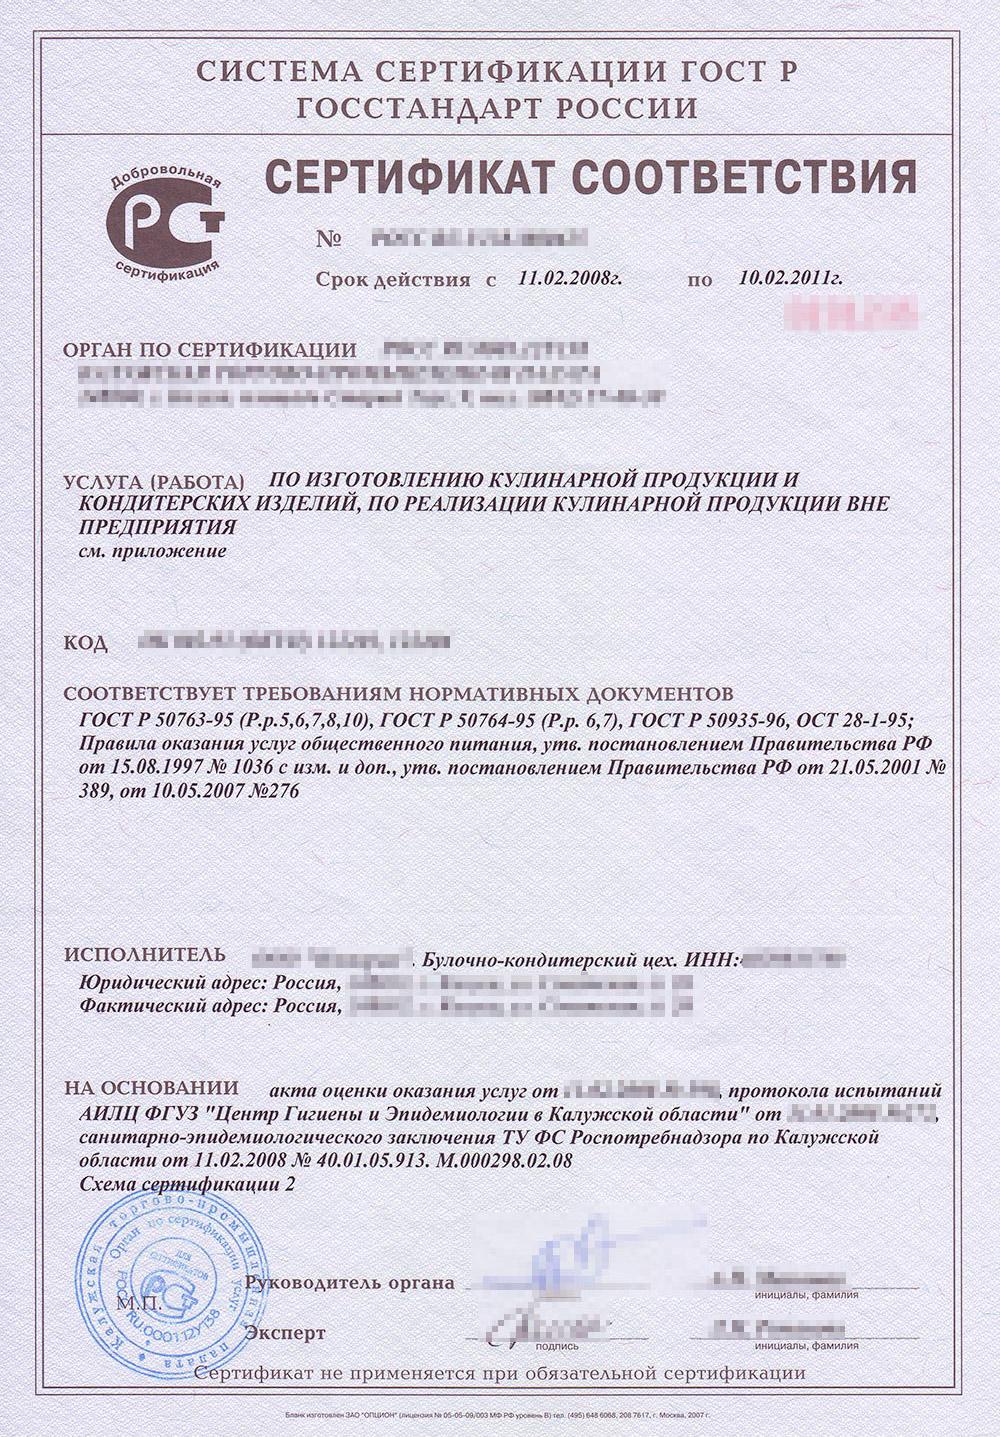 Сертификат соответствия и приложение к нему — документы, которые давали нам право делать ипродавать выпечку